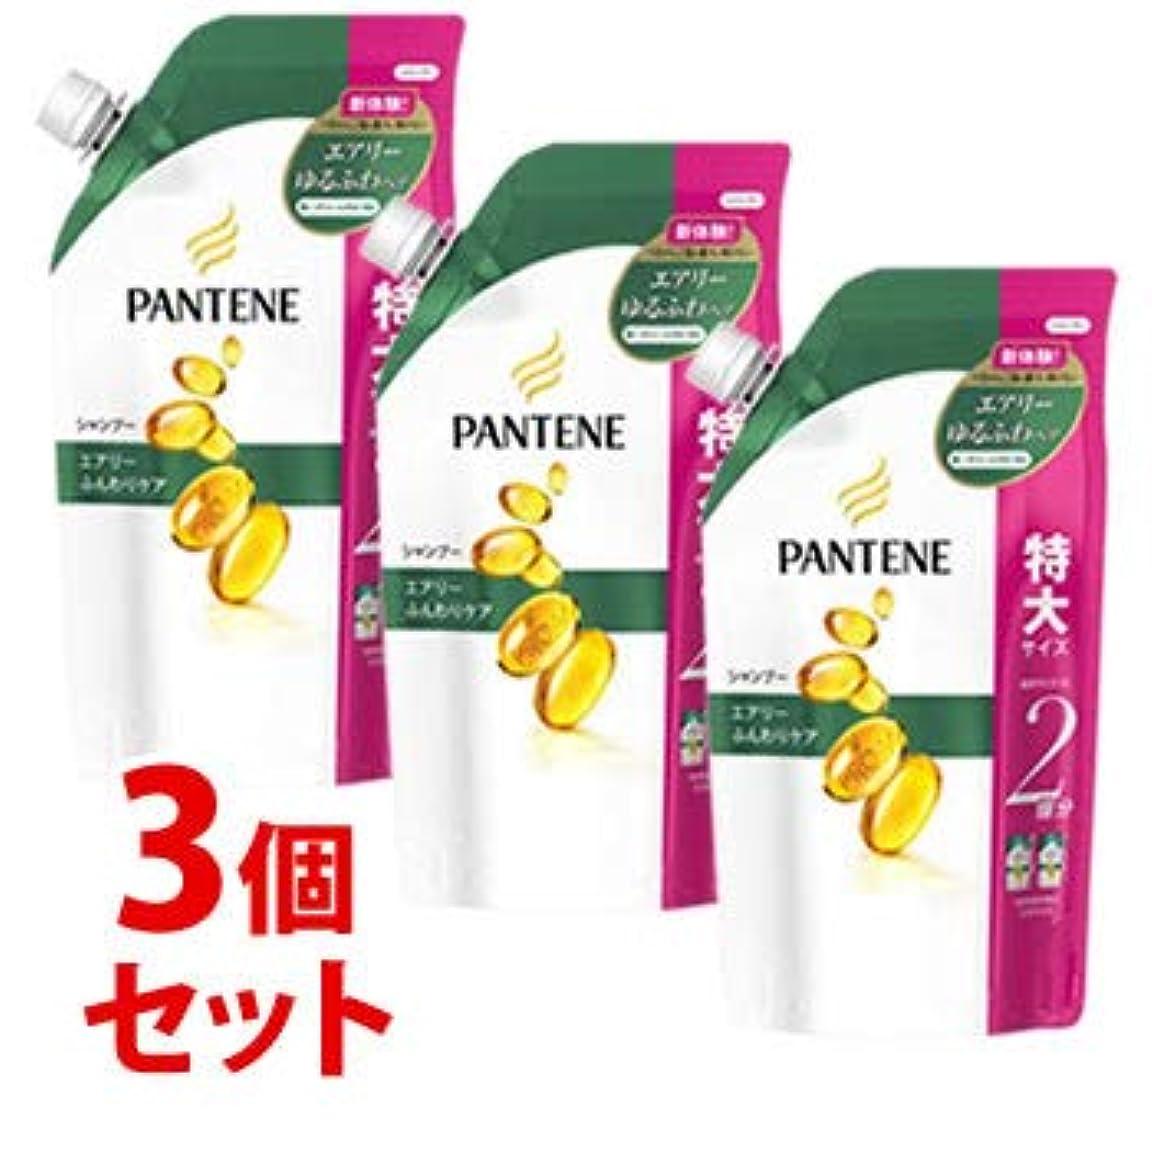 湿原話をする有名《セット販売》 P&G パンテーン エアリーふんわりケア シャンプー 特大サイズ つめかえ用 (660mL)×3個セット 詰め替え用